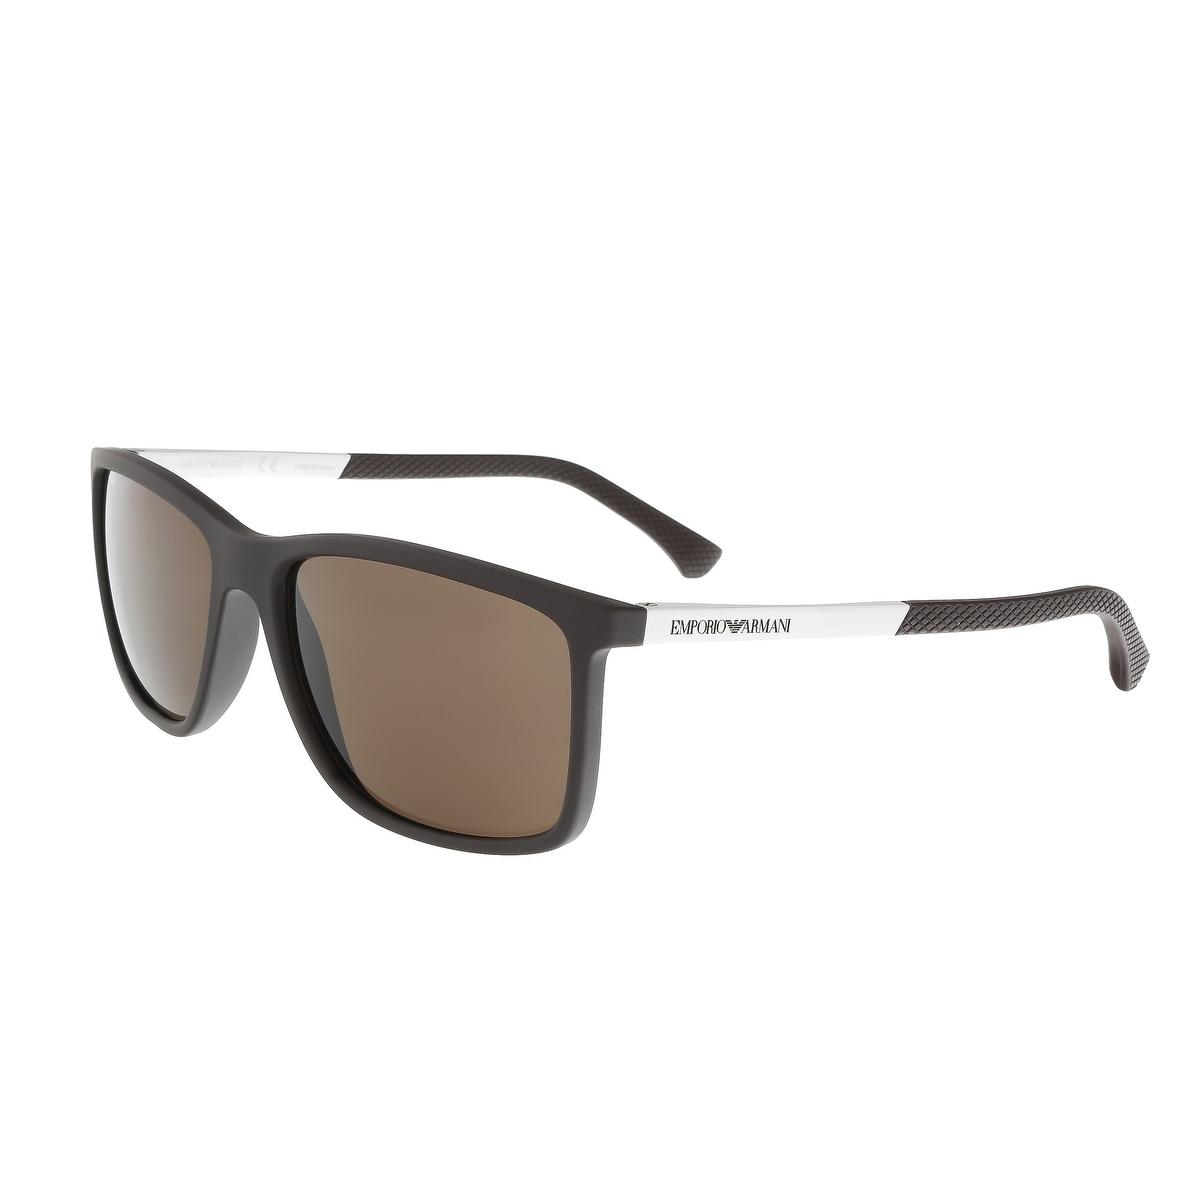 1602b672b239 Emporio Armani Sunglasses